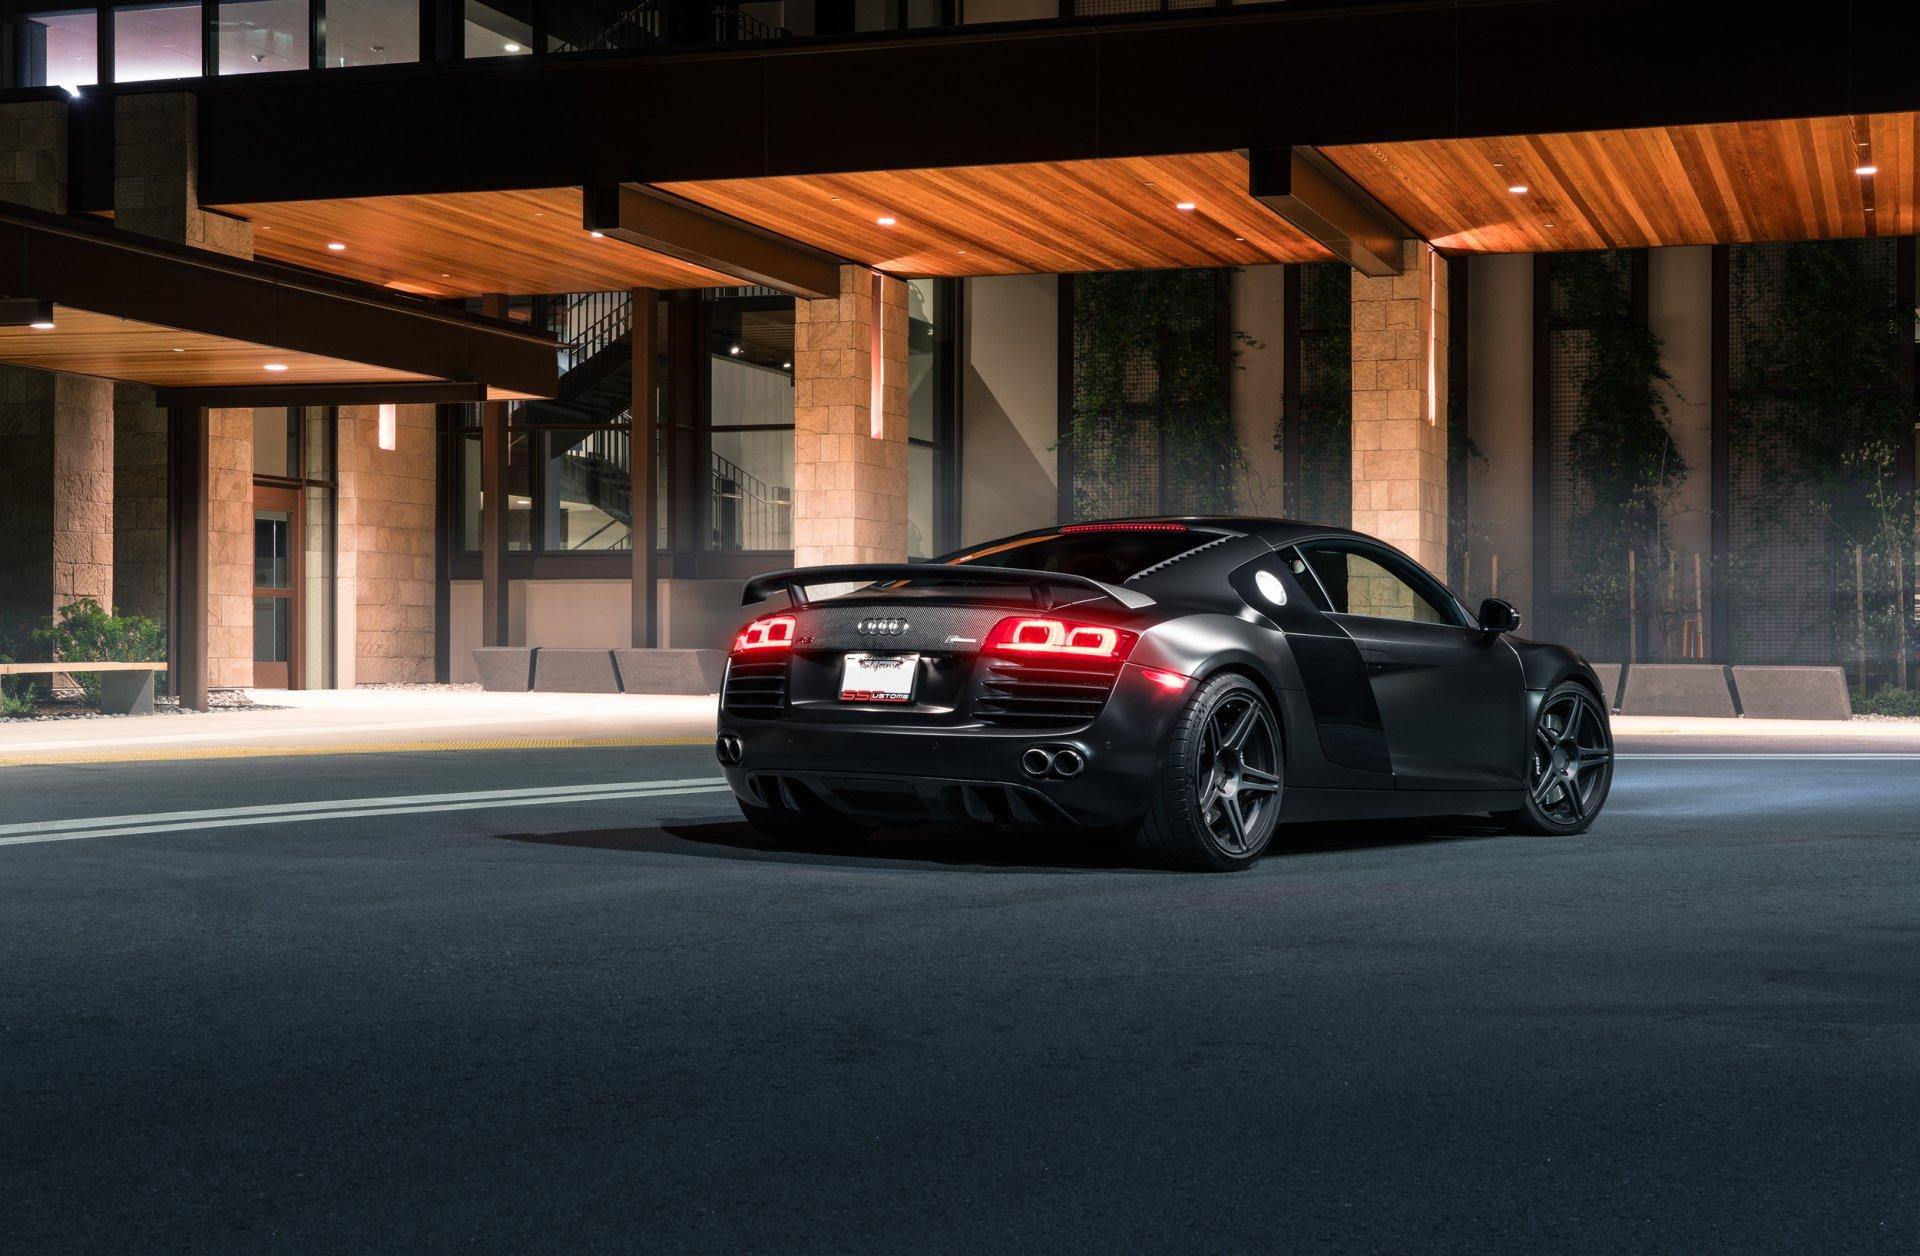 座驾 - 奥迪R8  奧迪 Supercar Sport Car Black Car 汽车 交通工具 壁纸